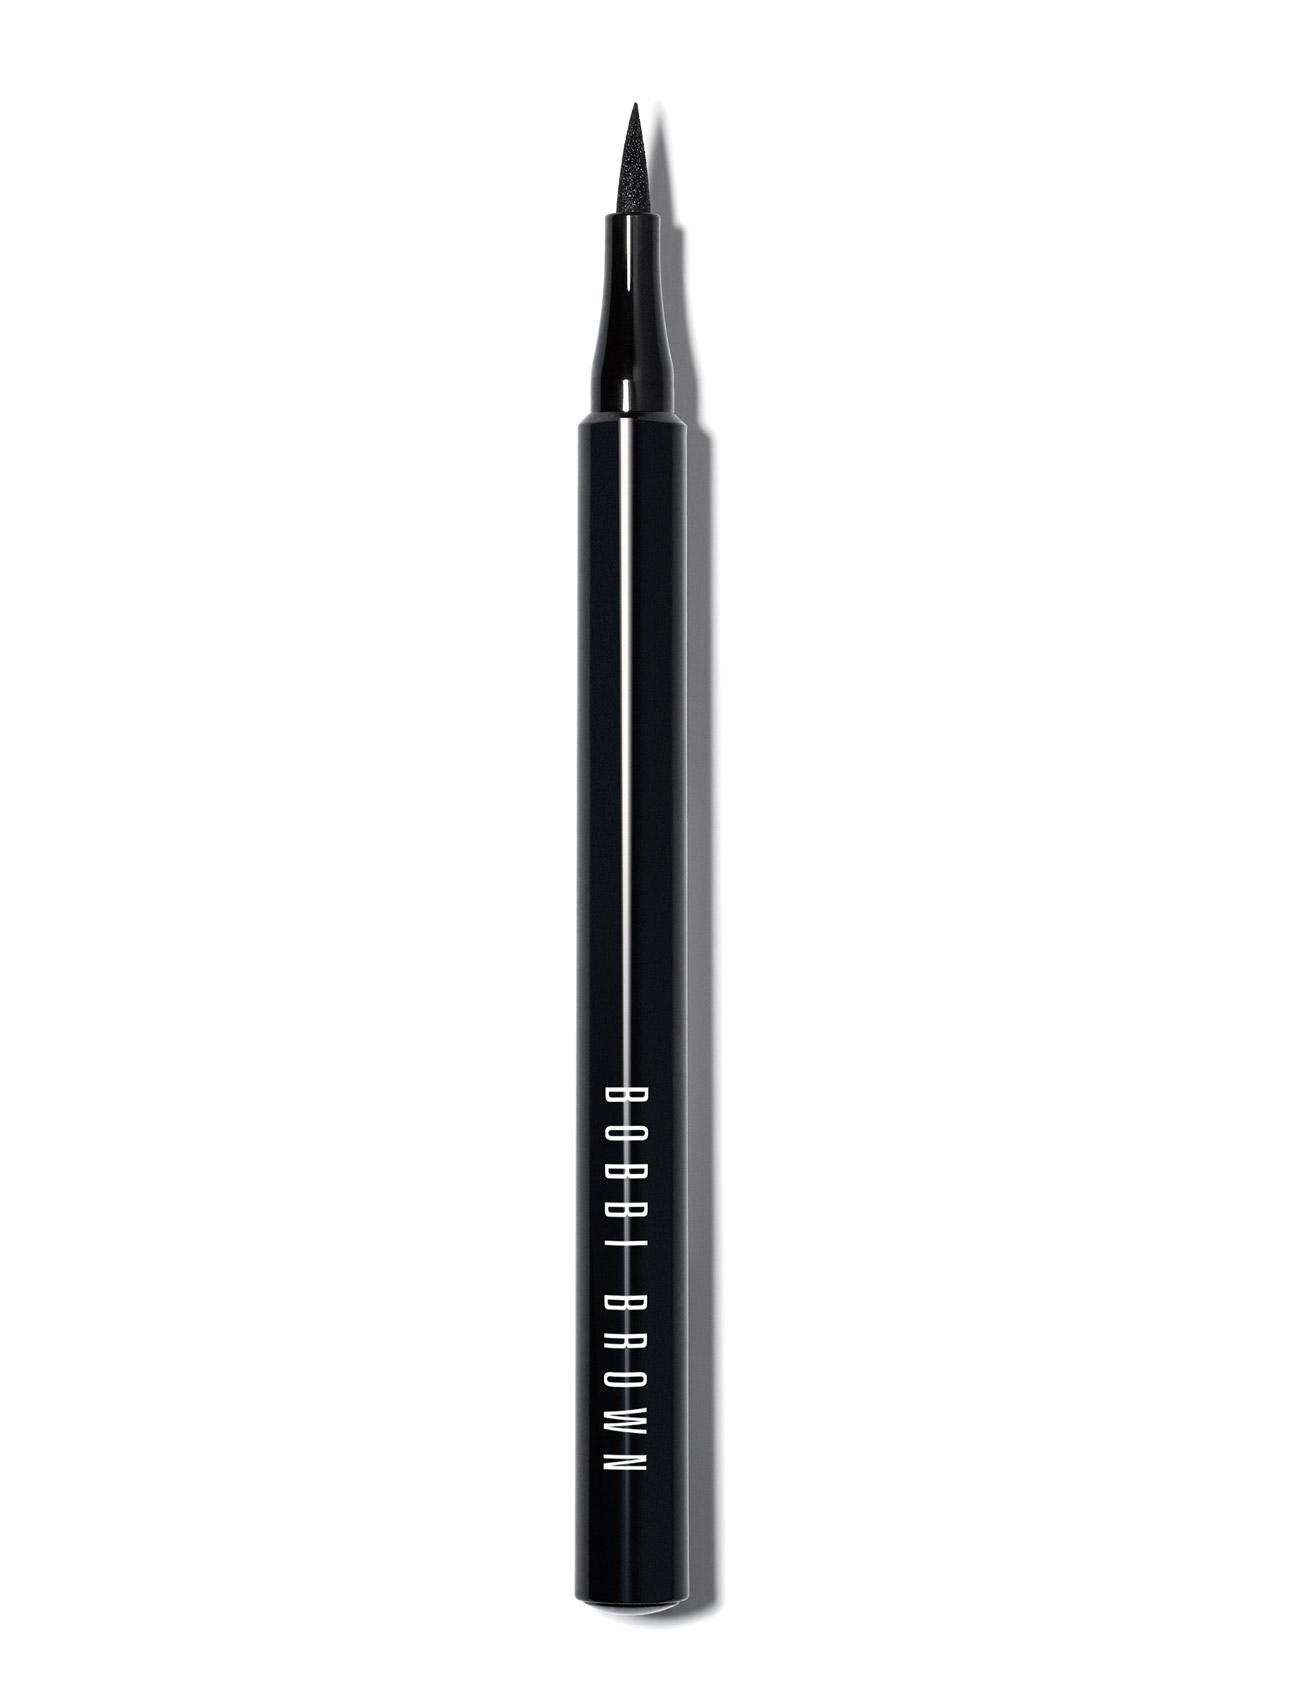 Blackest ink liner, black fra bobbi brown på boozt.com dk